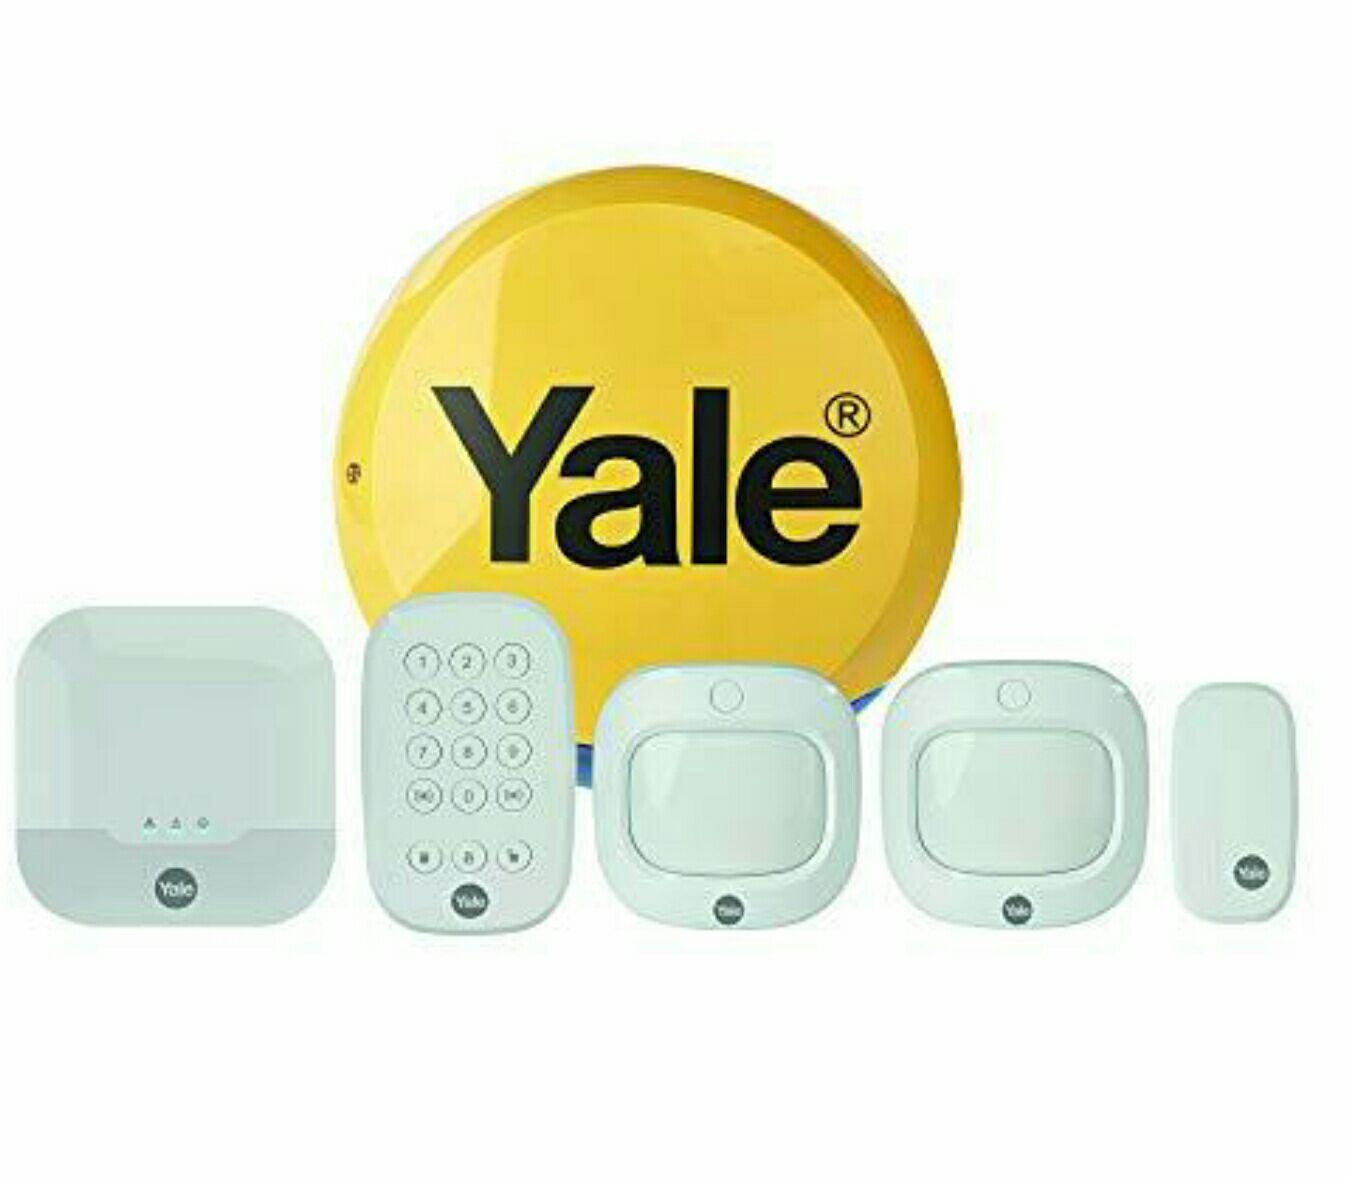 Yale Sync Smart Home Alarm £234.99 Amazon